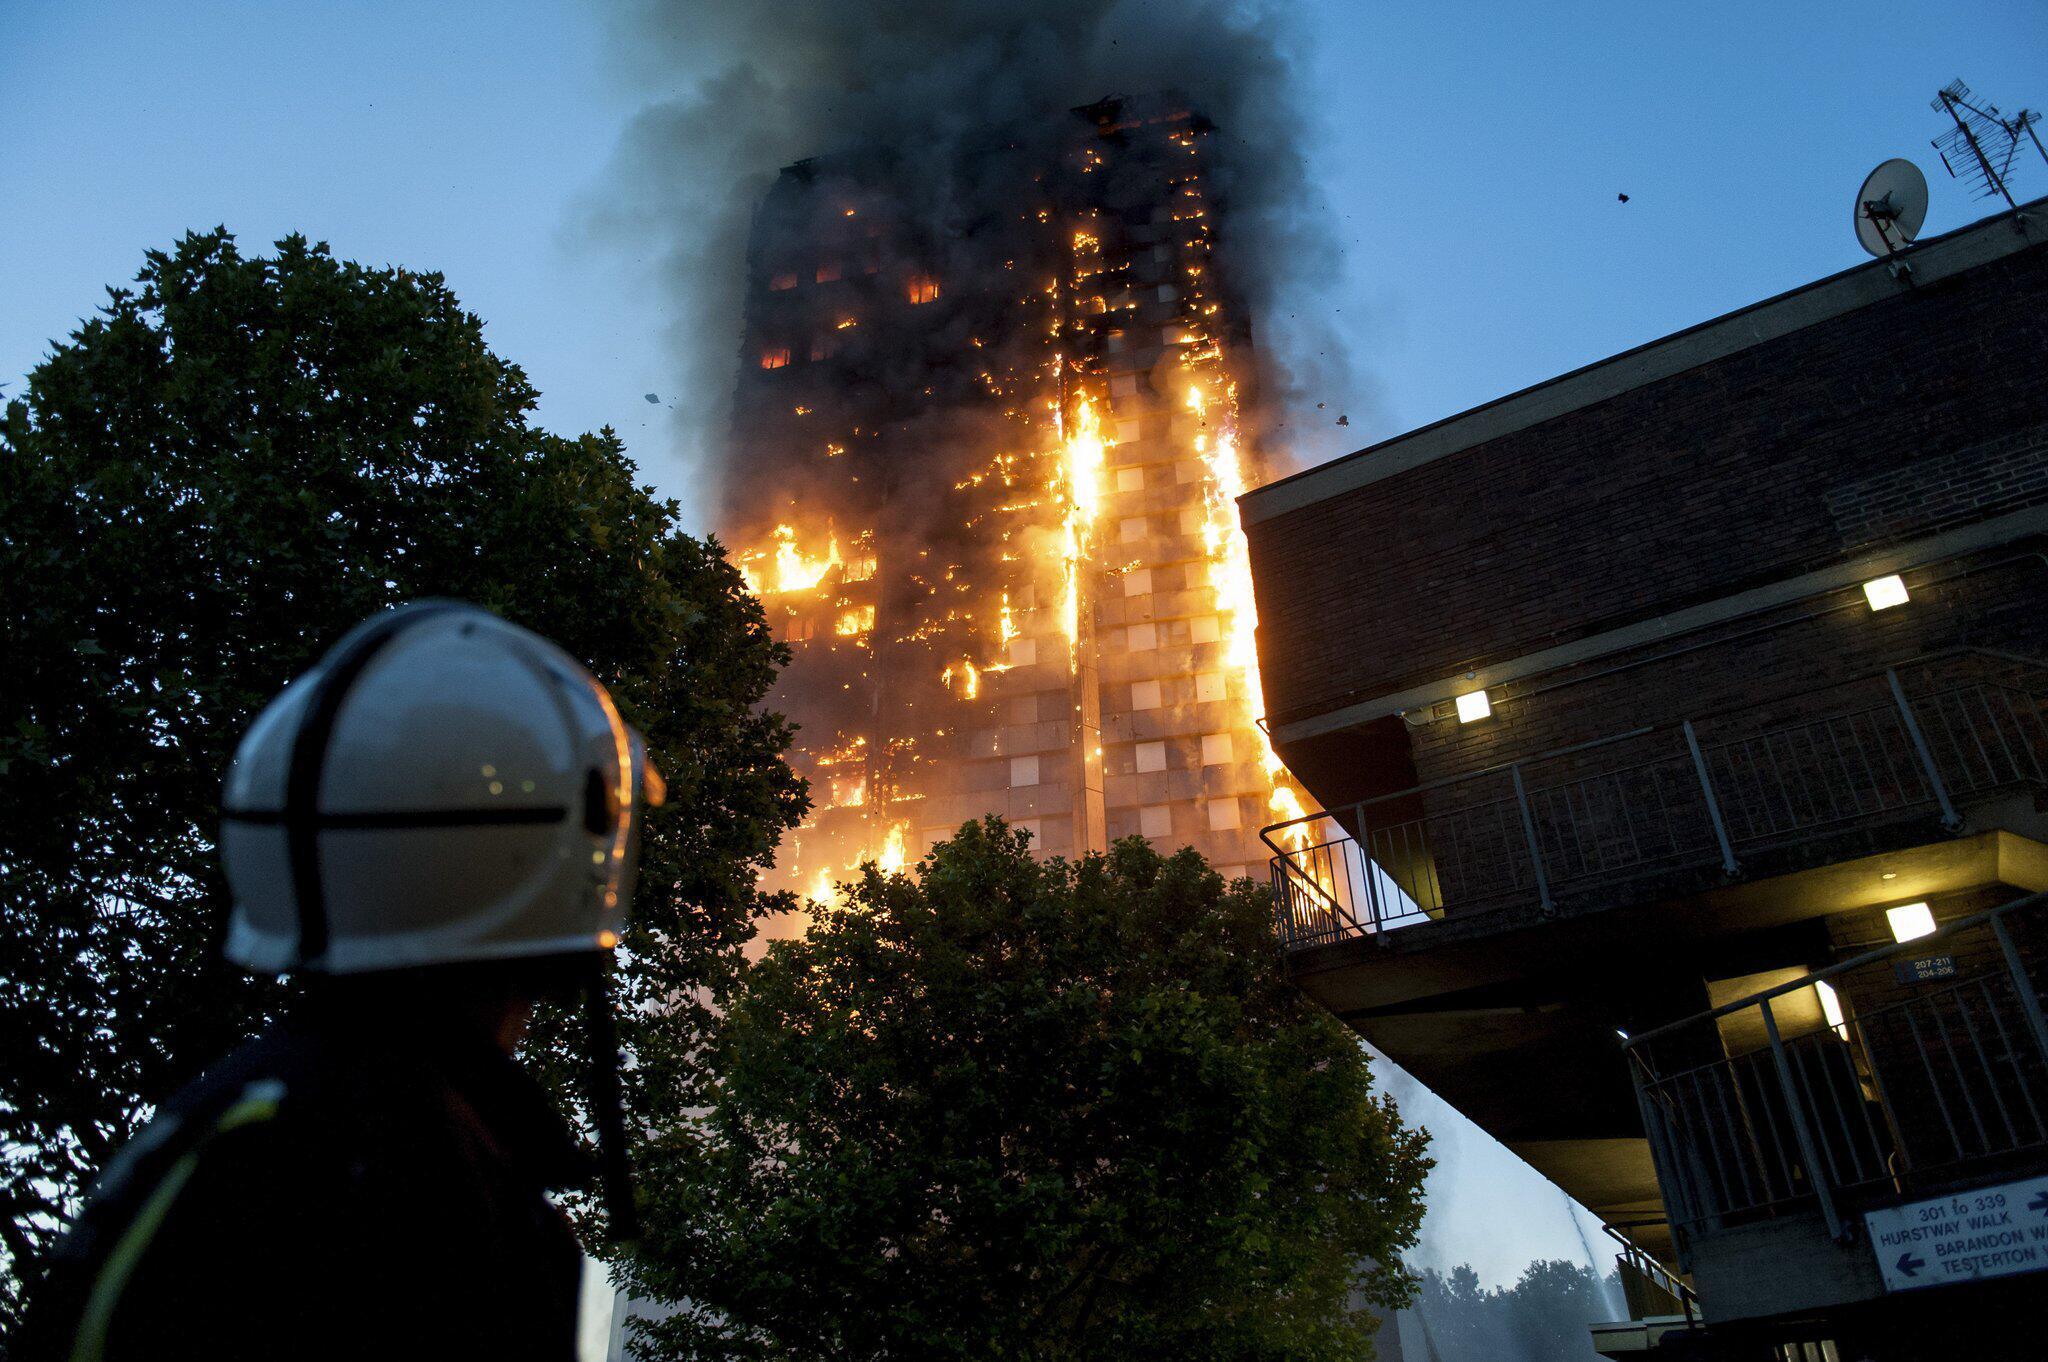 Bild zu Großbrand in Londoner Hochhaus